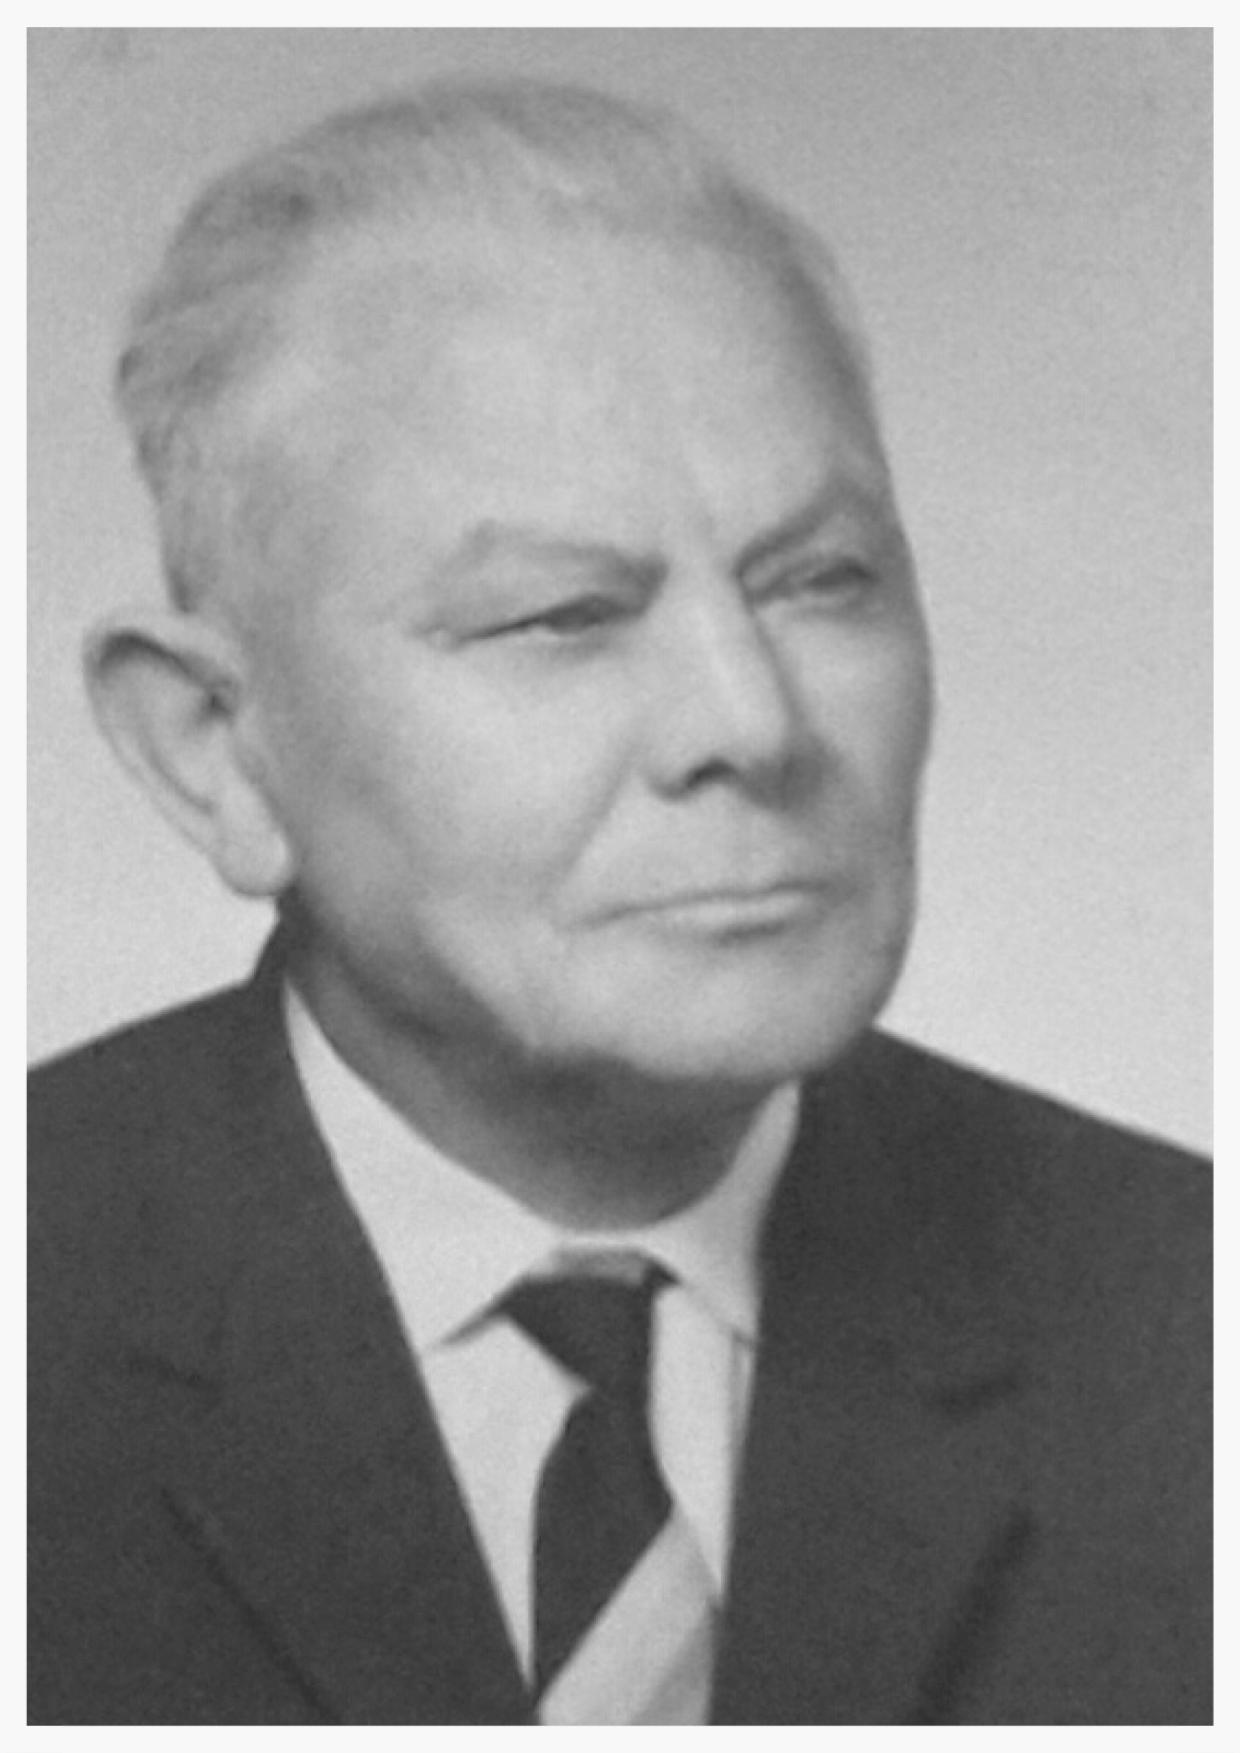 Ernst Henzler, *1895